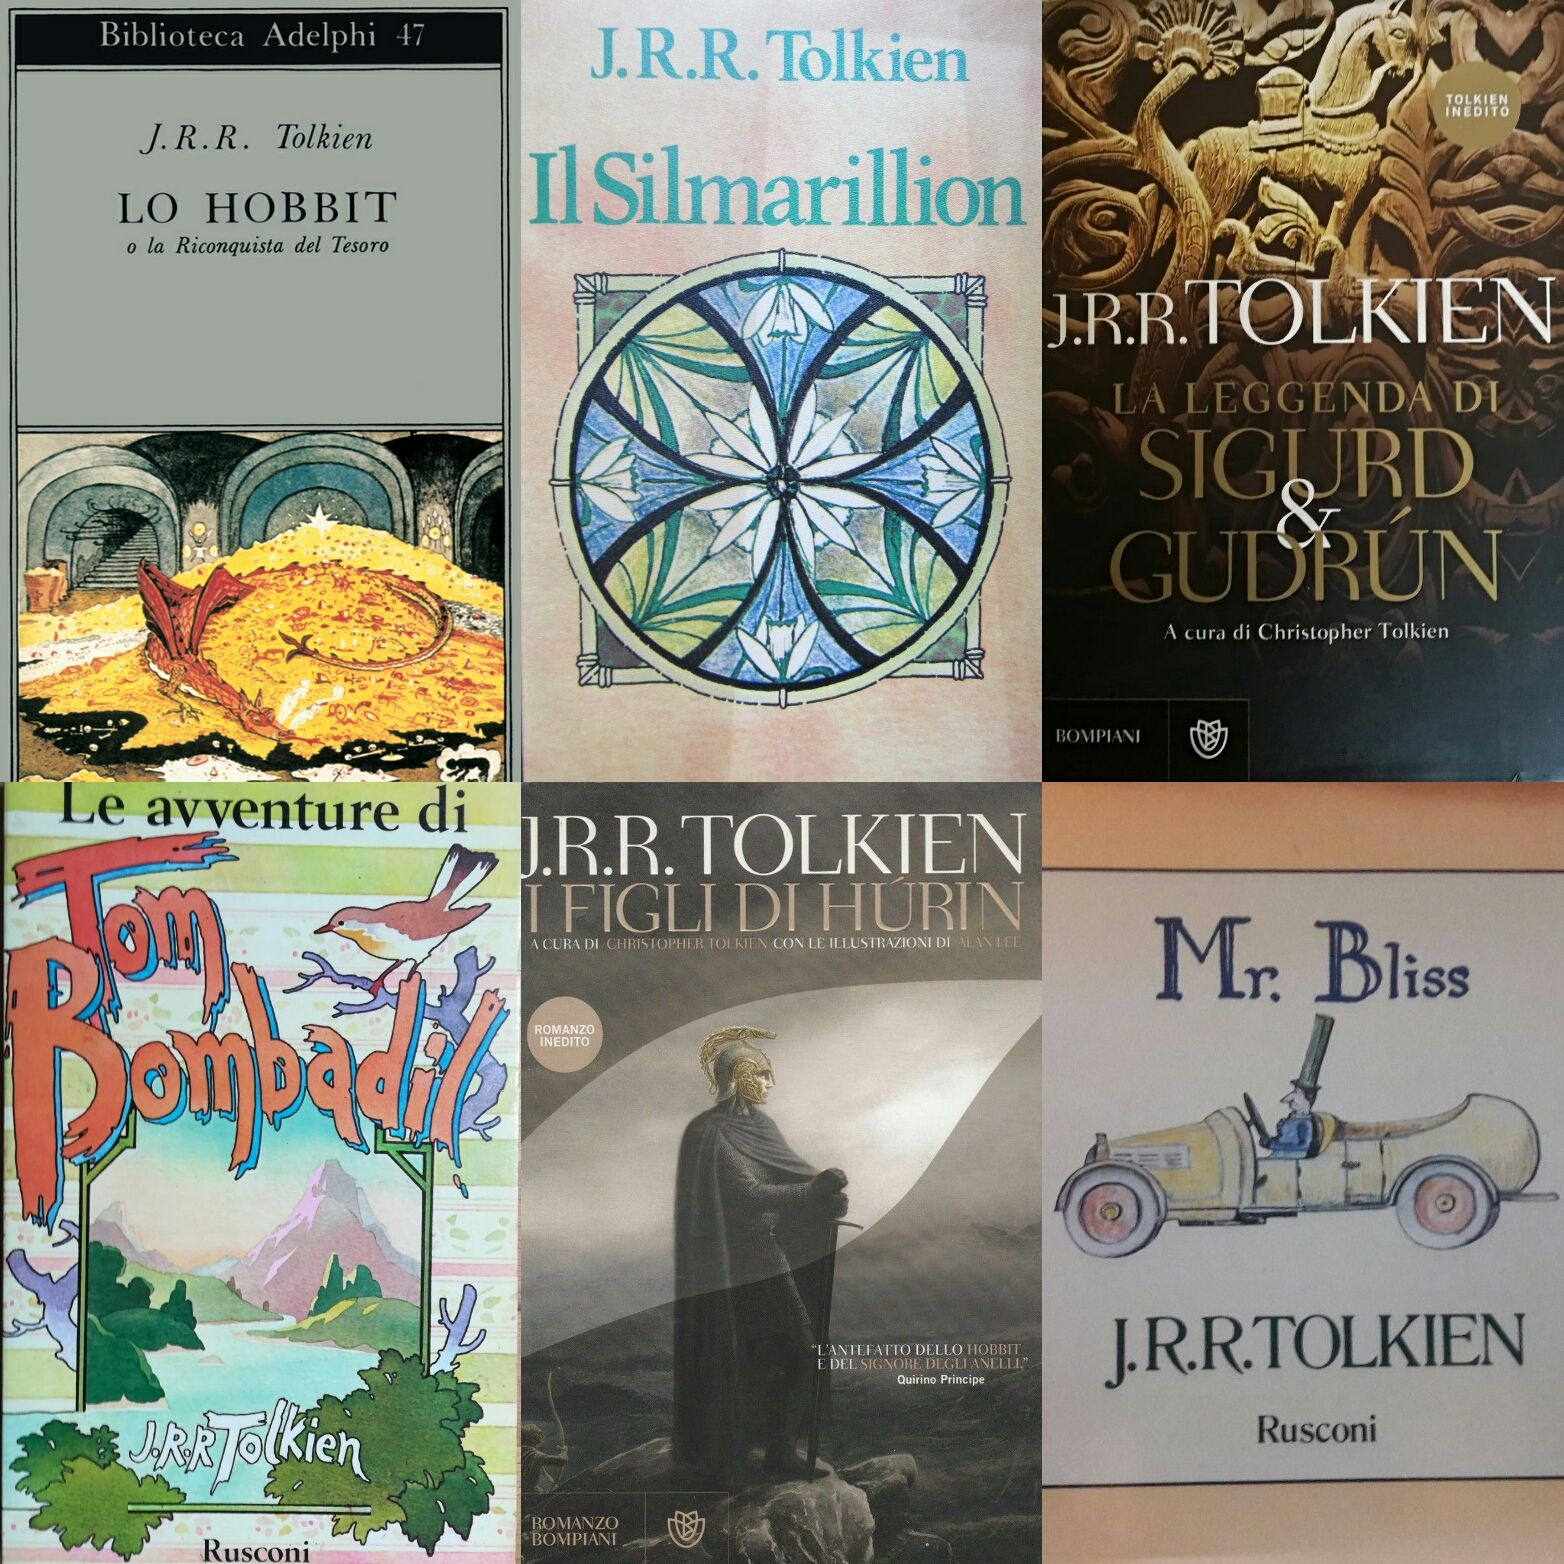 …su eBay ci sono 10 prime edizioni economiche di J. R. R. Tolkien